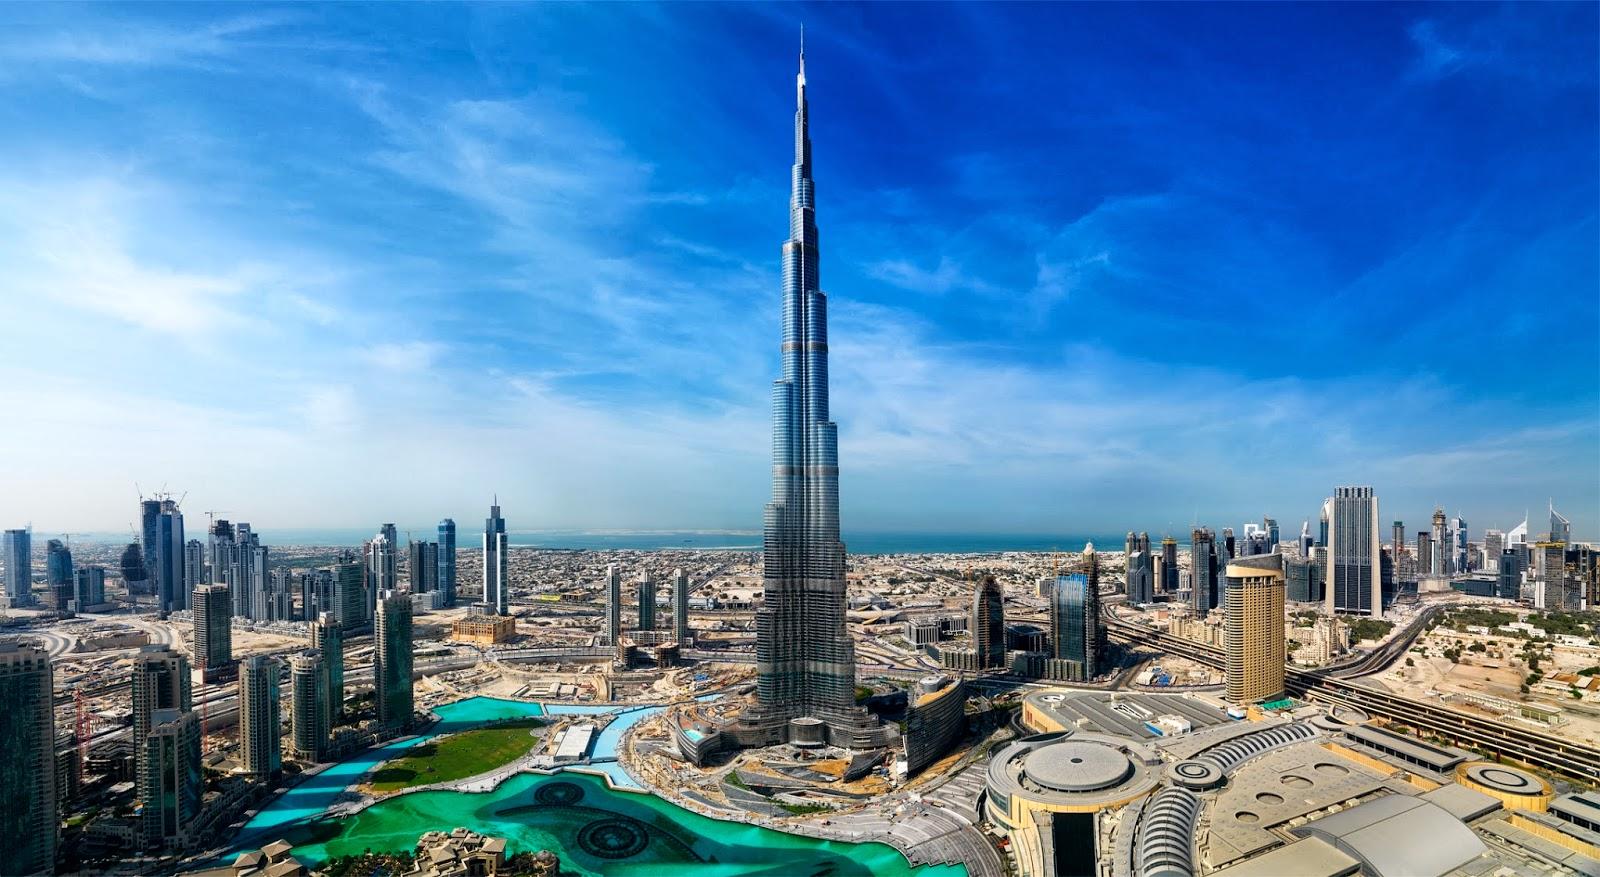 أجمل المدن السياحية - دبي في الإمارات